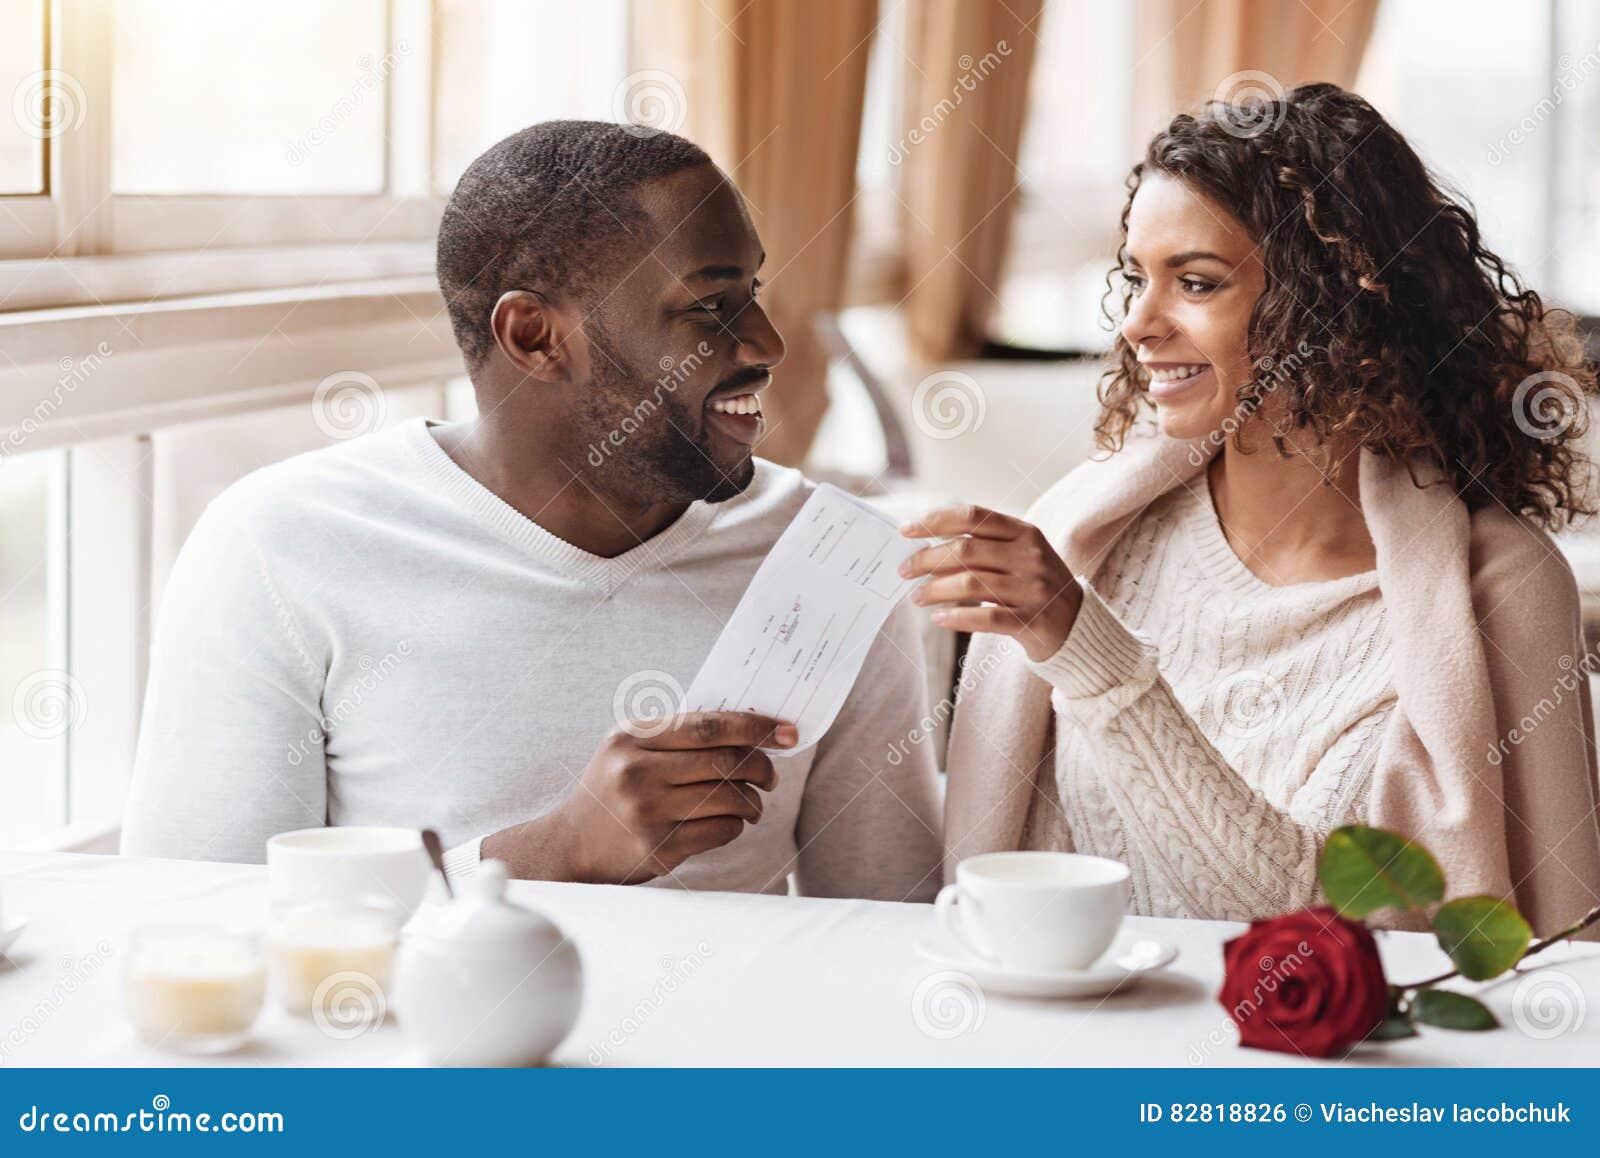 Ευχαριστημένος άνδρας αφροαμερικάνων που δίνει ένα παρόν στη γυναίκα